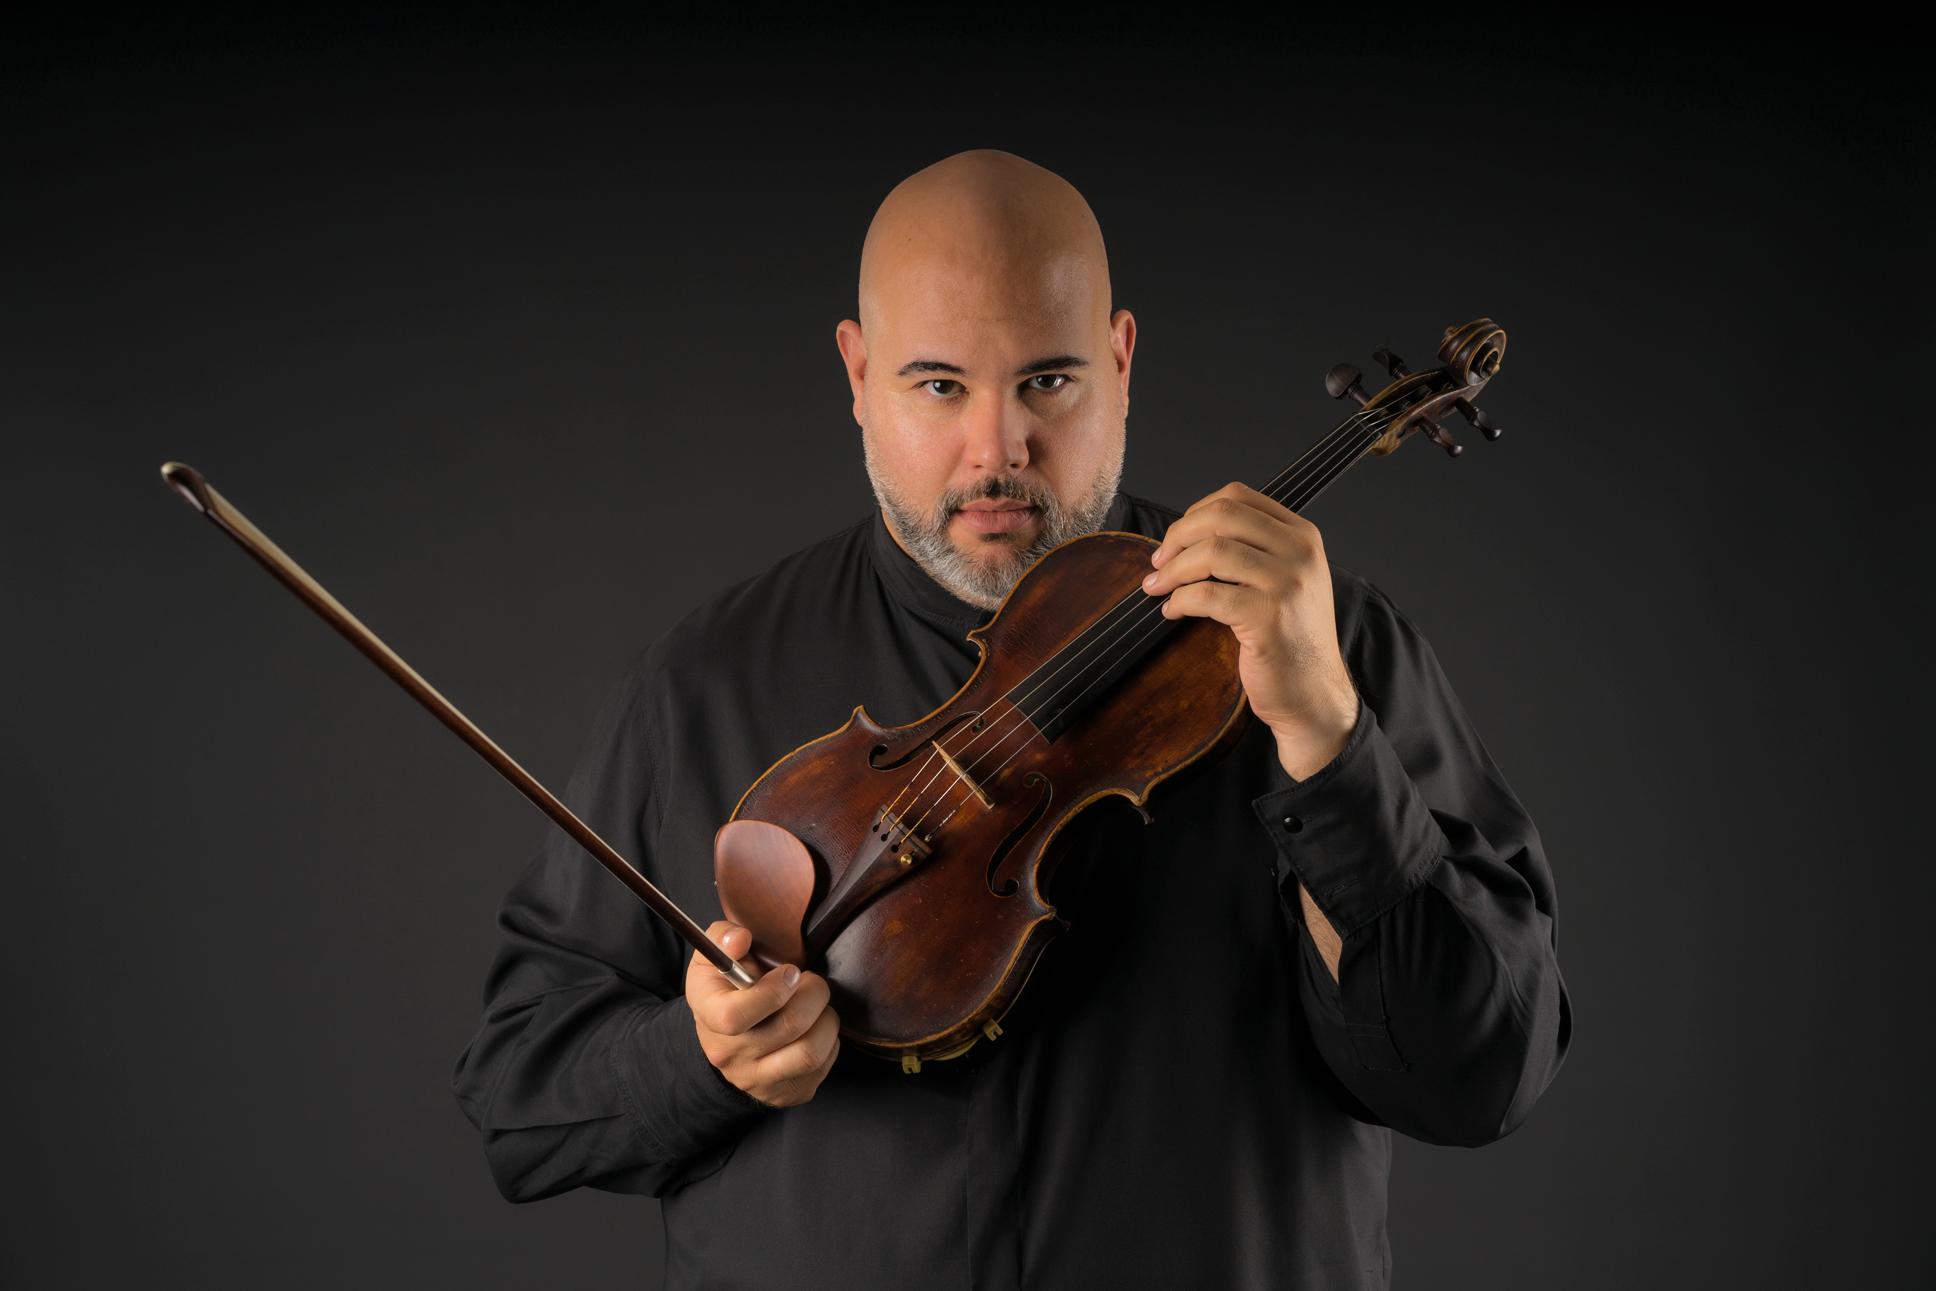 Gianmaria-Melis-Sito-violino-black-home